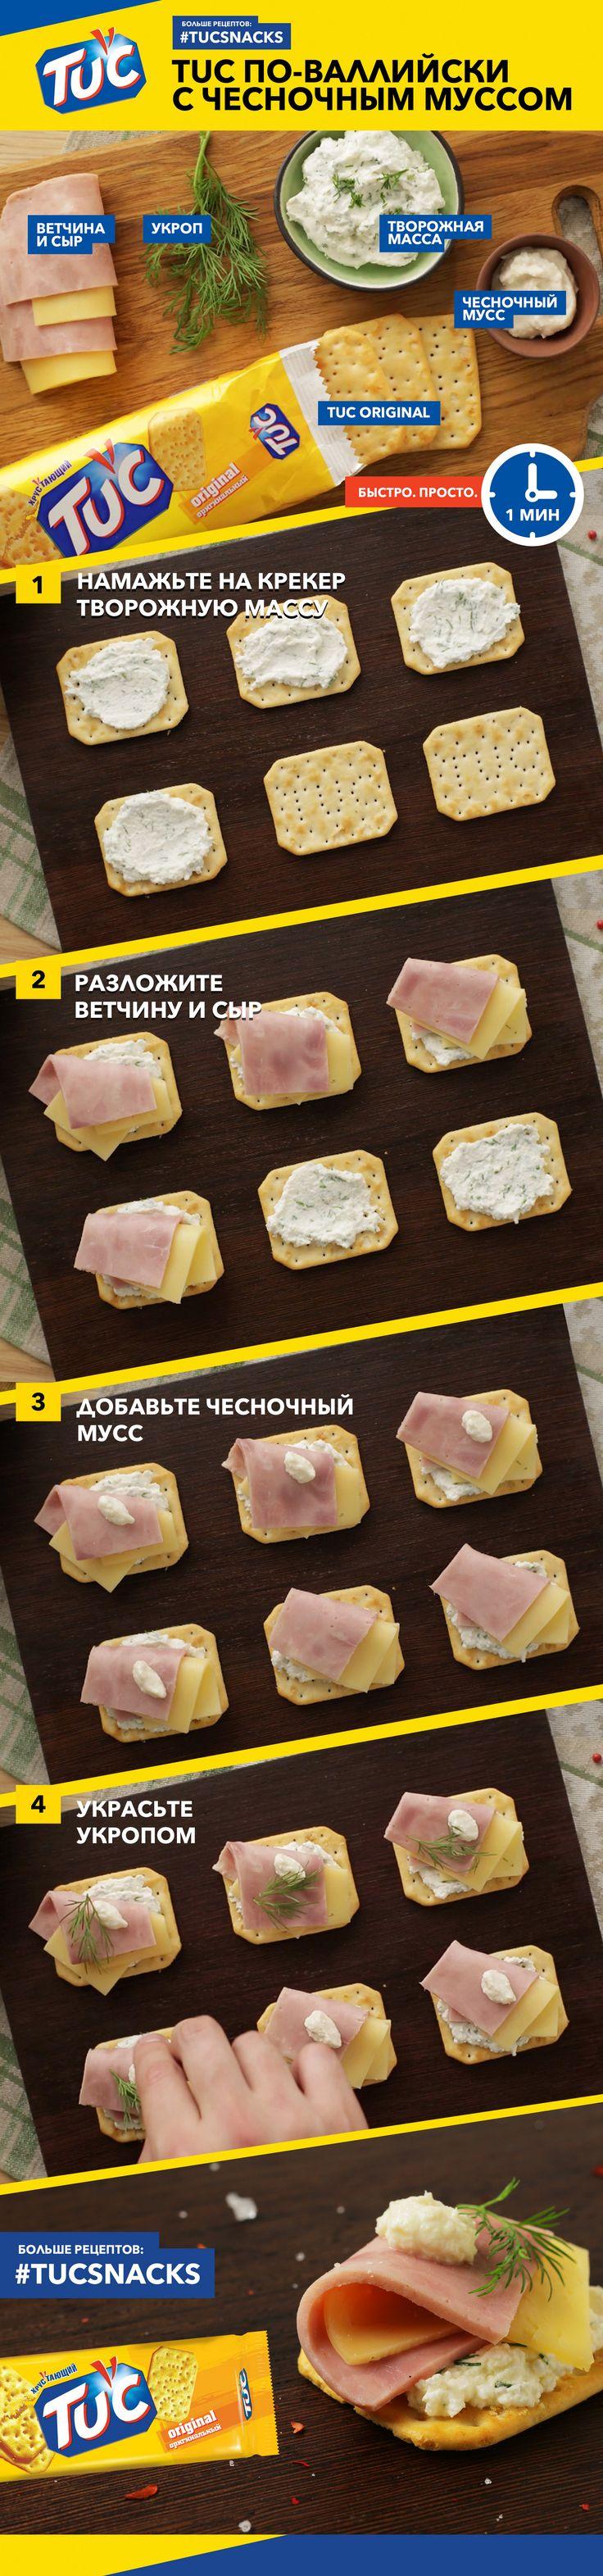 Придётся немного поработать блендером или чеснокодавкой но тебе понравится. Возьми TUC Original, творожную массу или мягкий сыр, измельченный чеснок и свежая зелень. Не забудь ветчину. Знаем, что ты очень хочешь заменить ветчину на докторскую колбаску. Можешь заменить:)  Крекер смажь творожной массой, перемешанной с зеленью, поверх положи ломтики ветчины и сыра добавь чесночный мусс. Укрась укропом. Великолепно. #tucsnacks